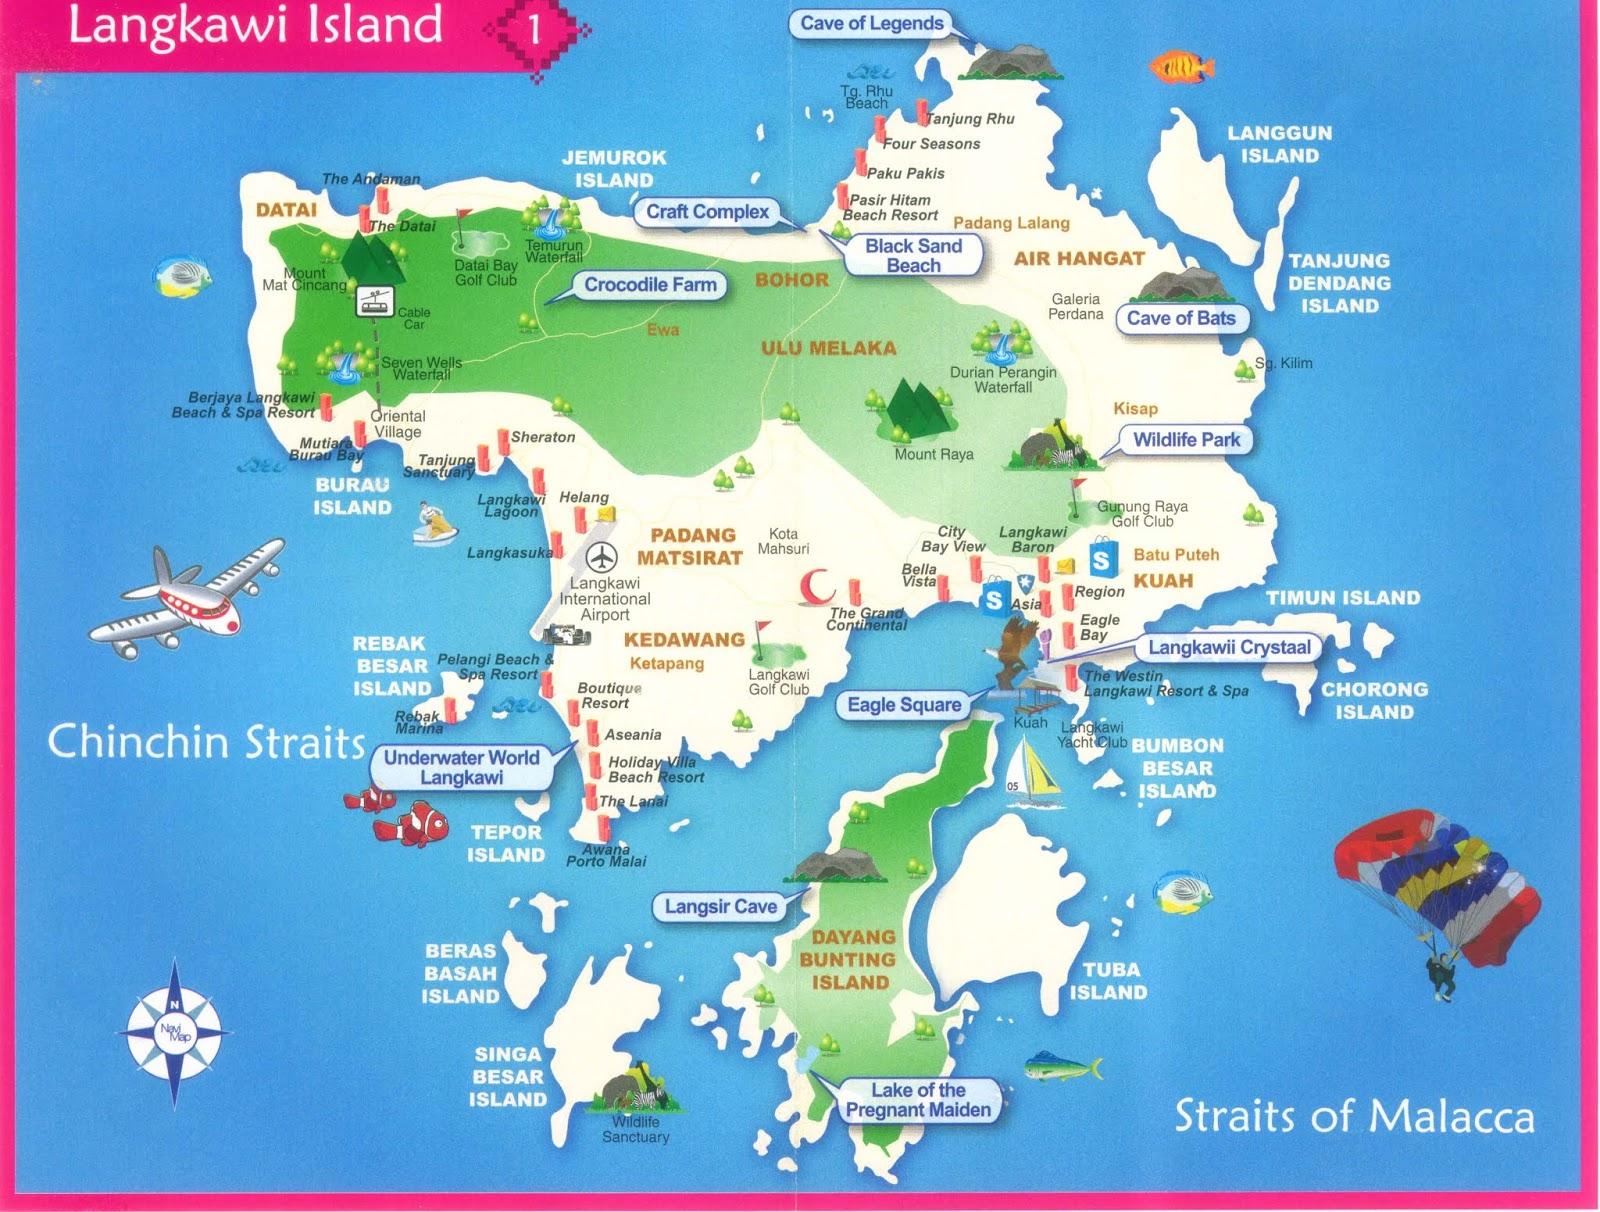 langkawi maps